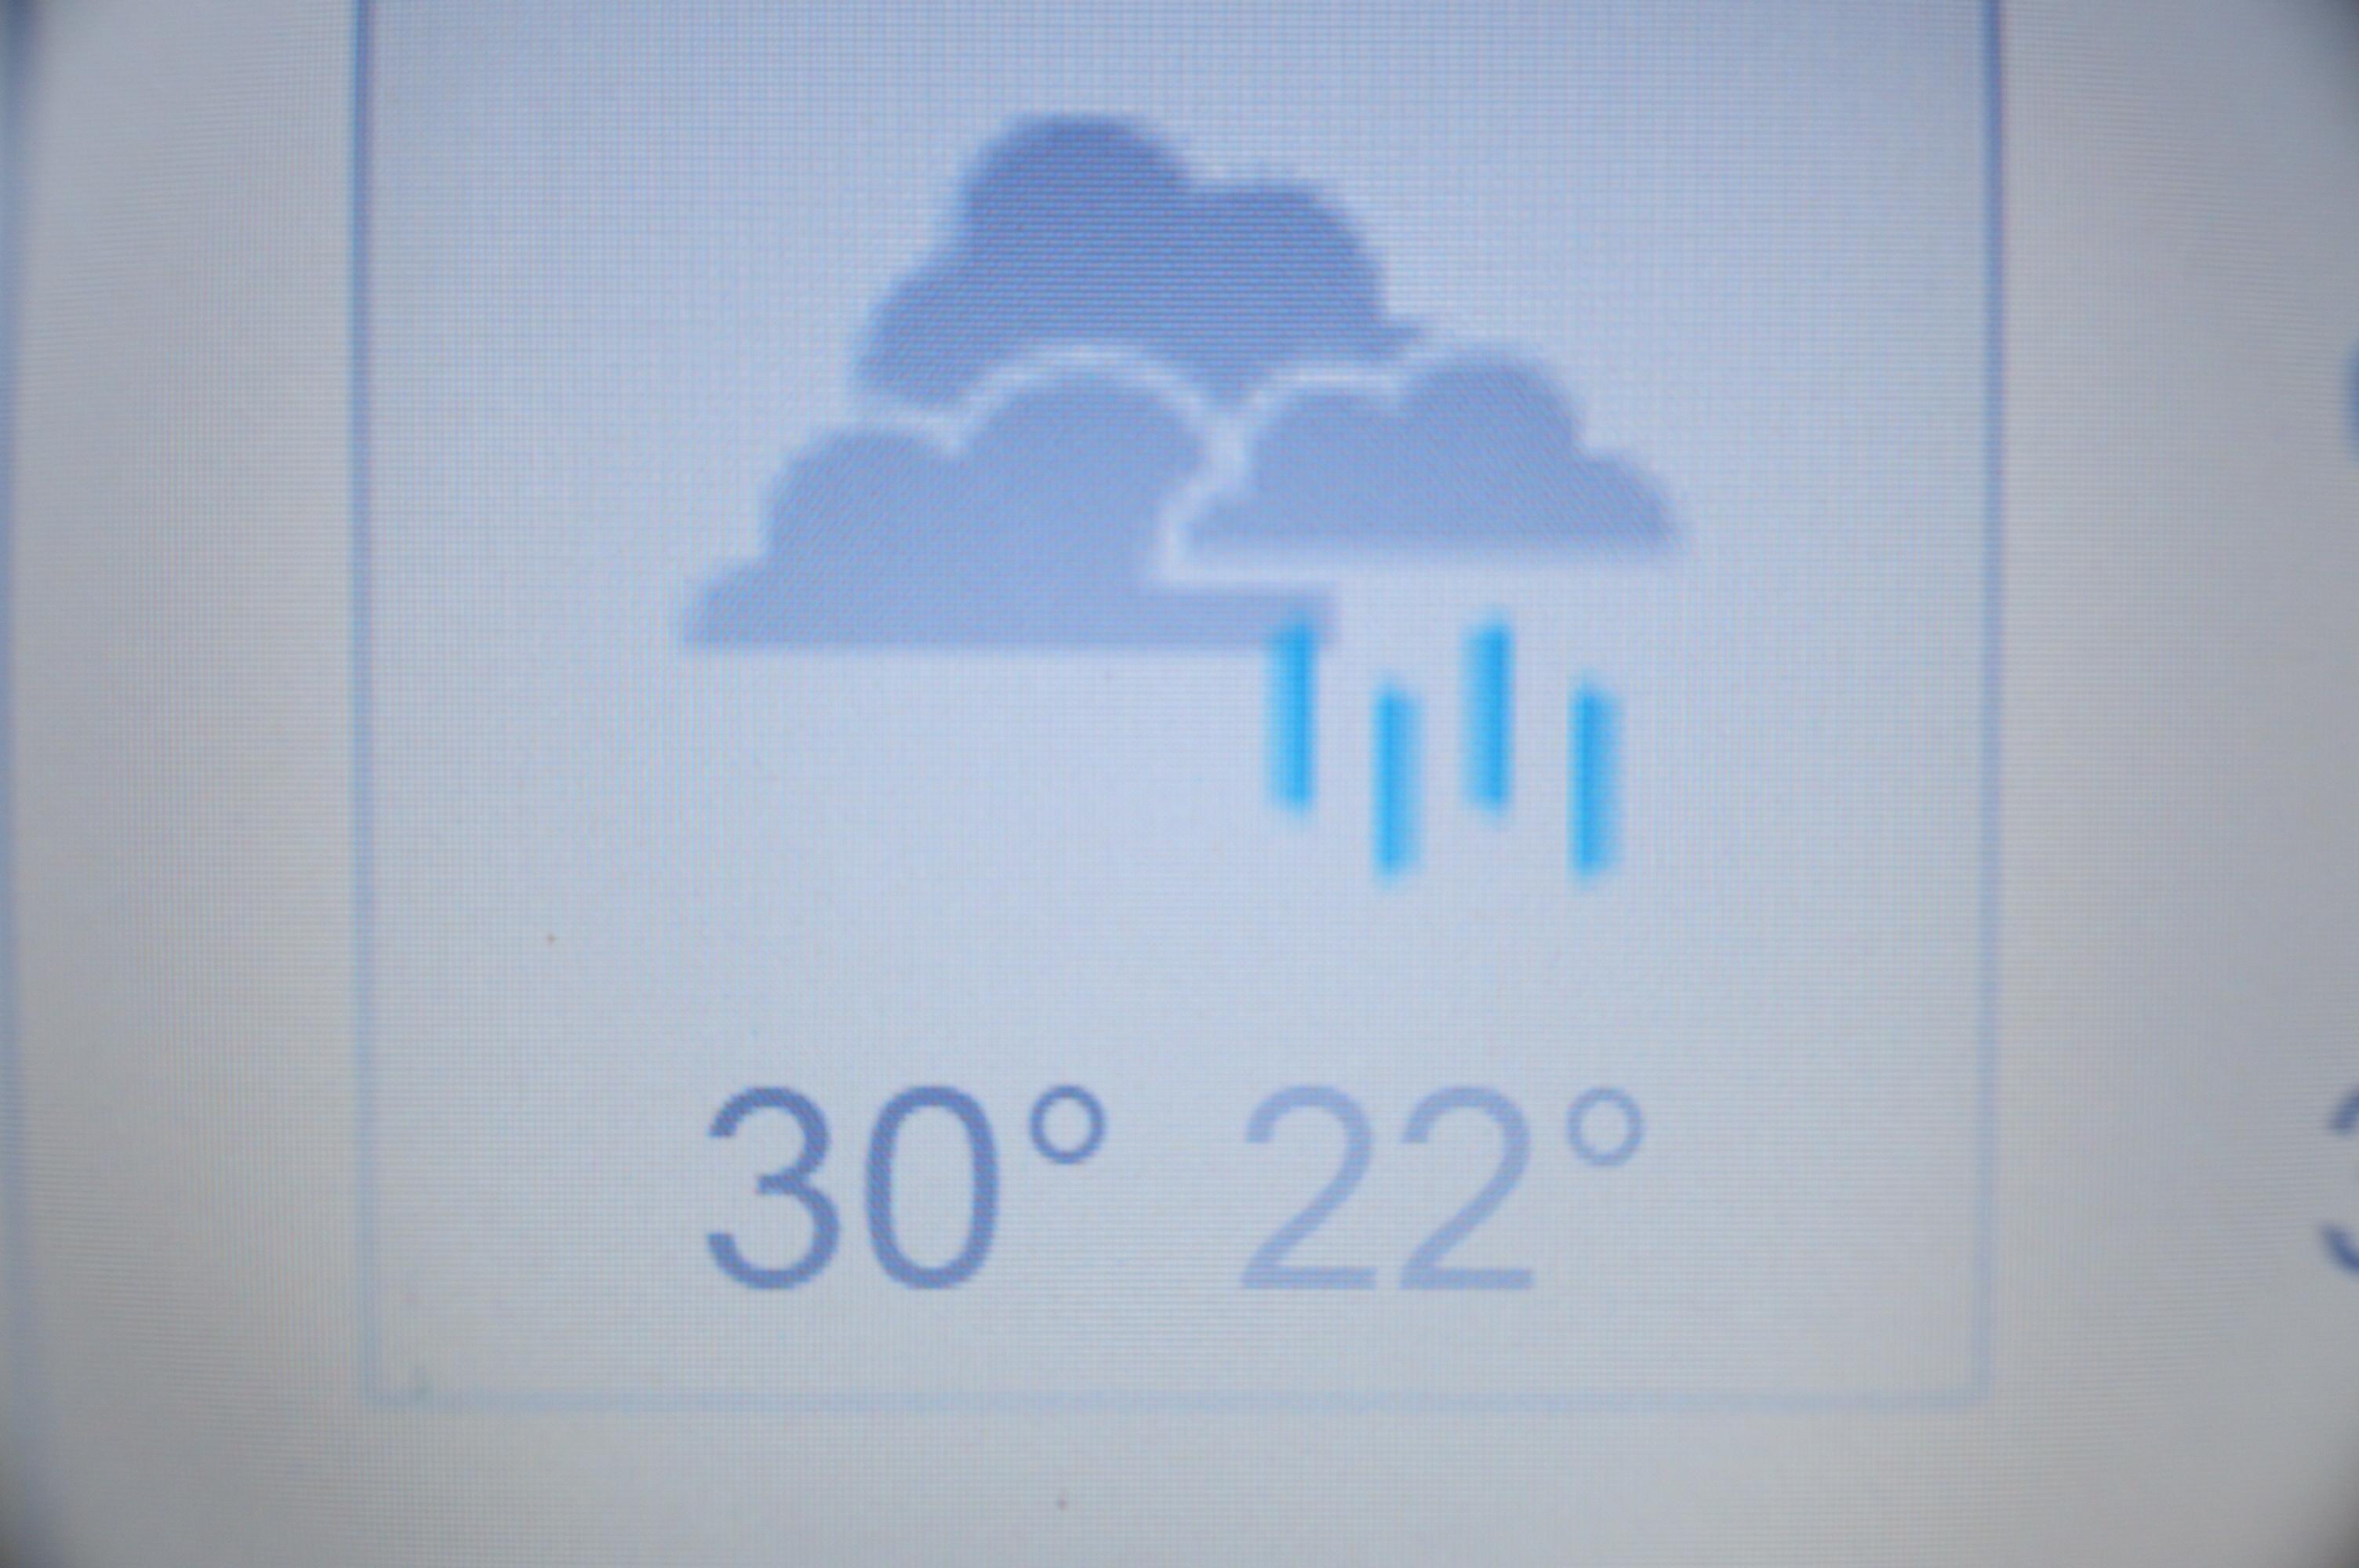 遅い 梅雨 明け